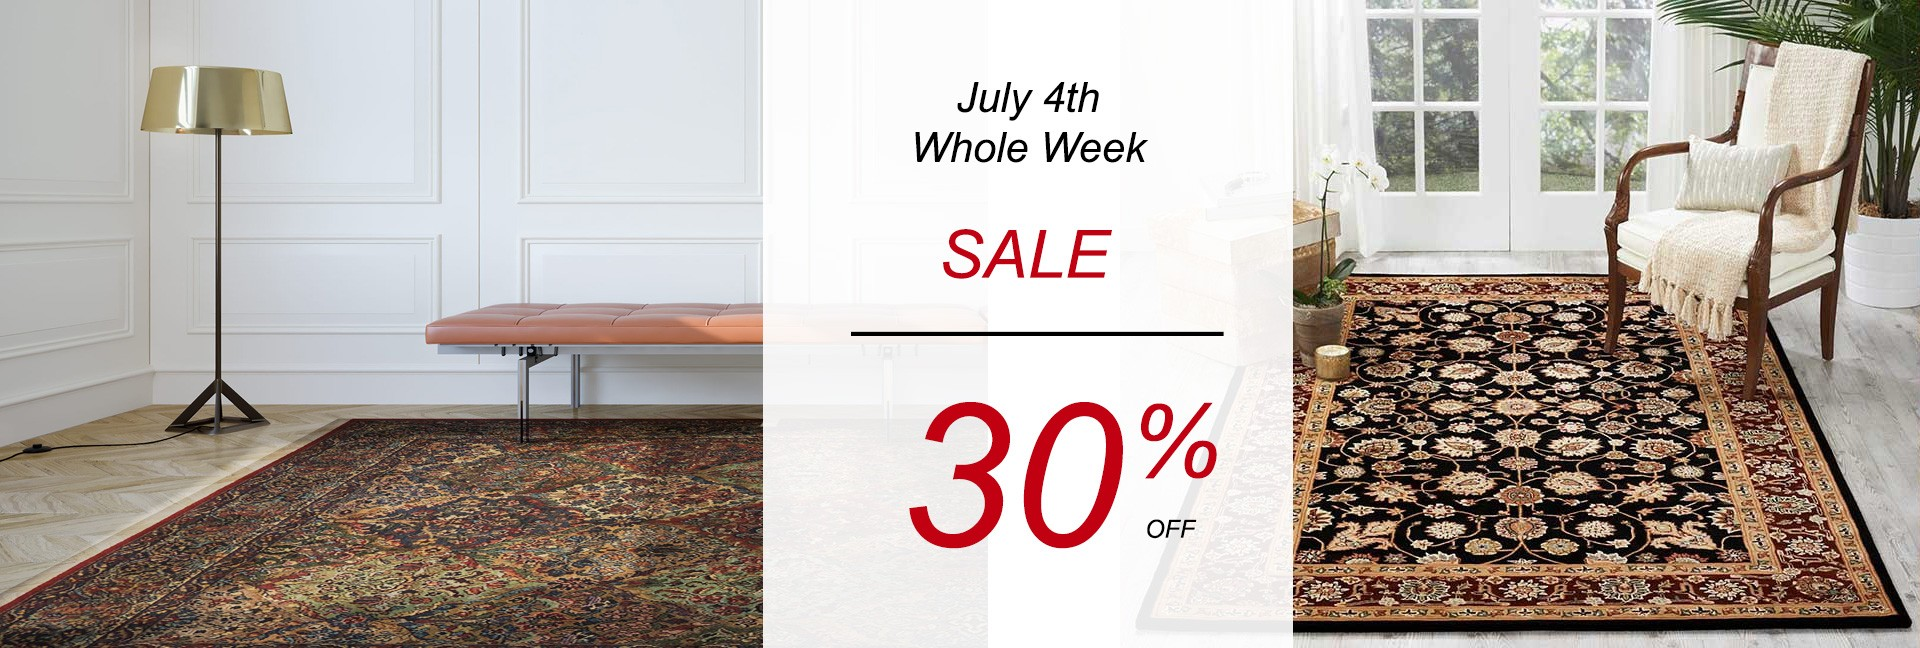 July 4th Sale